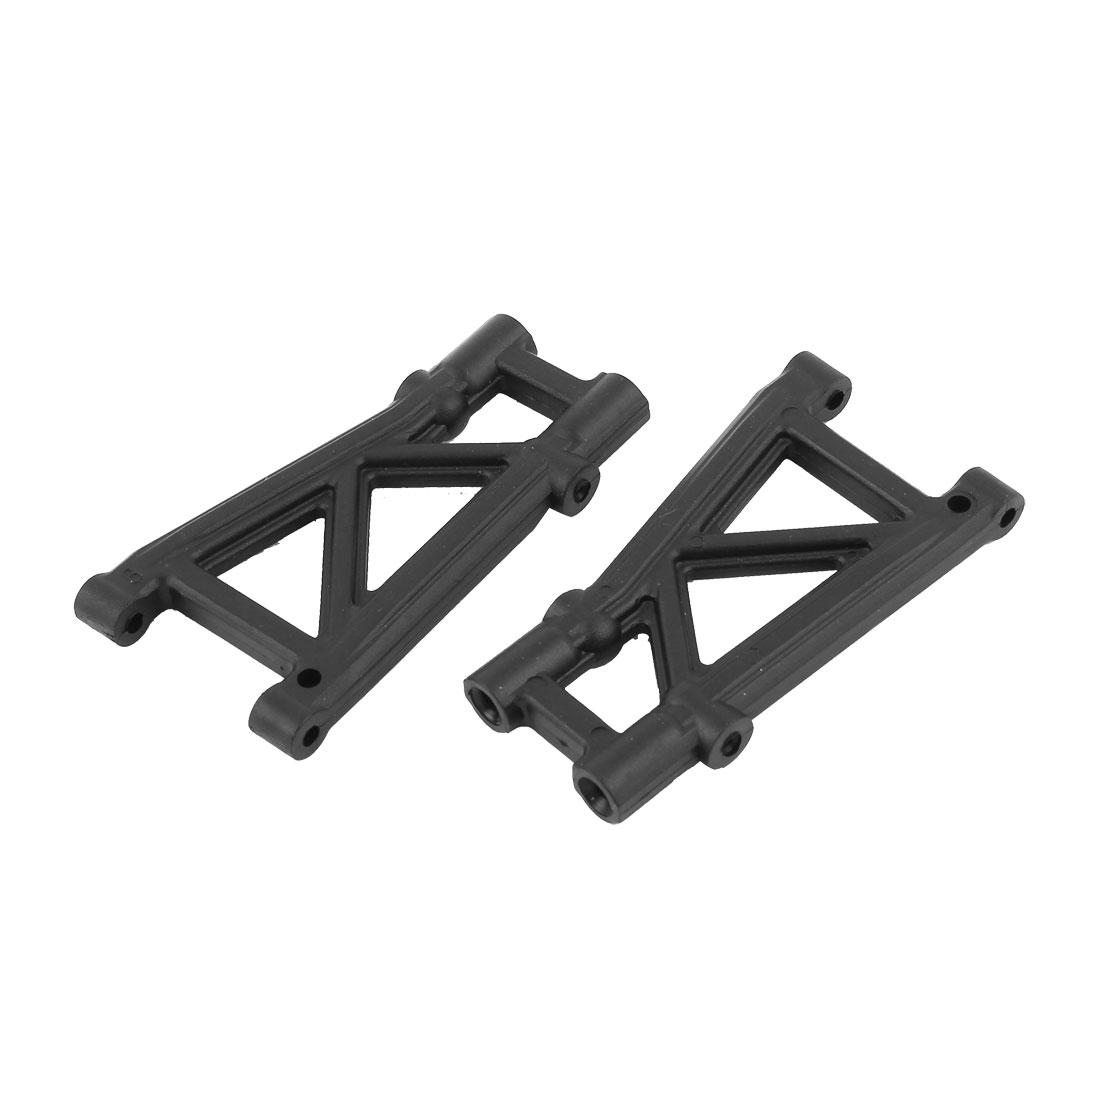 2pcs 94188 1:10 RC Car Spare Parts Rear Lower Suspension Arms 08050